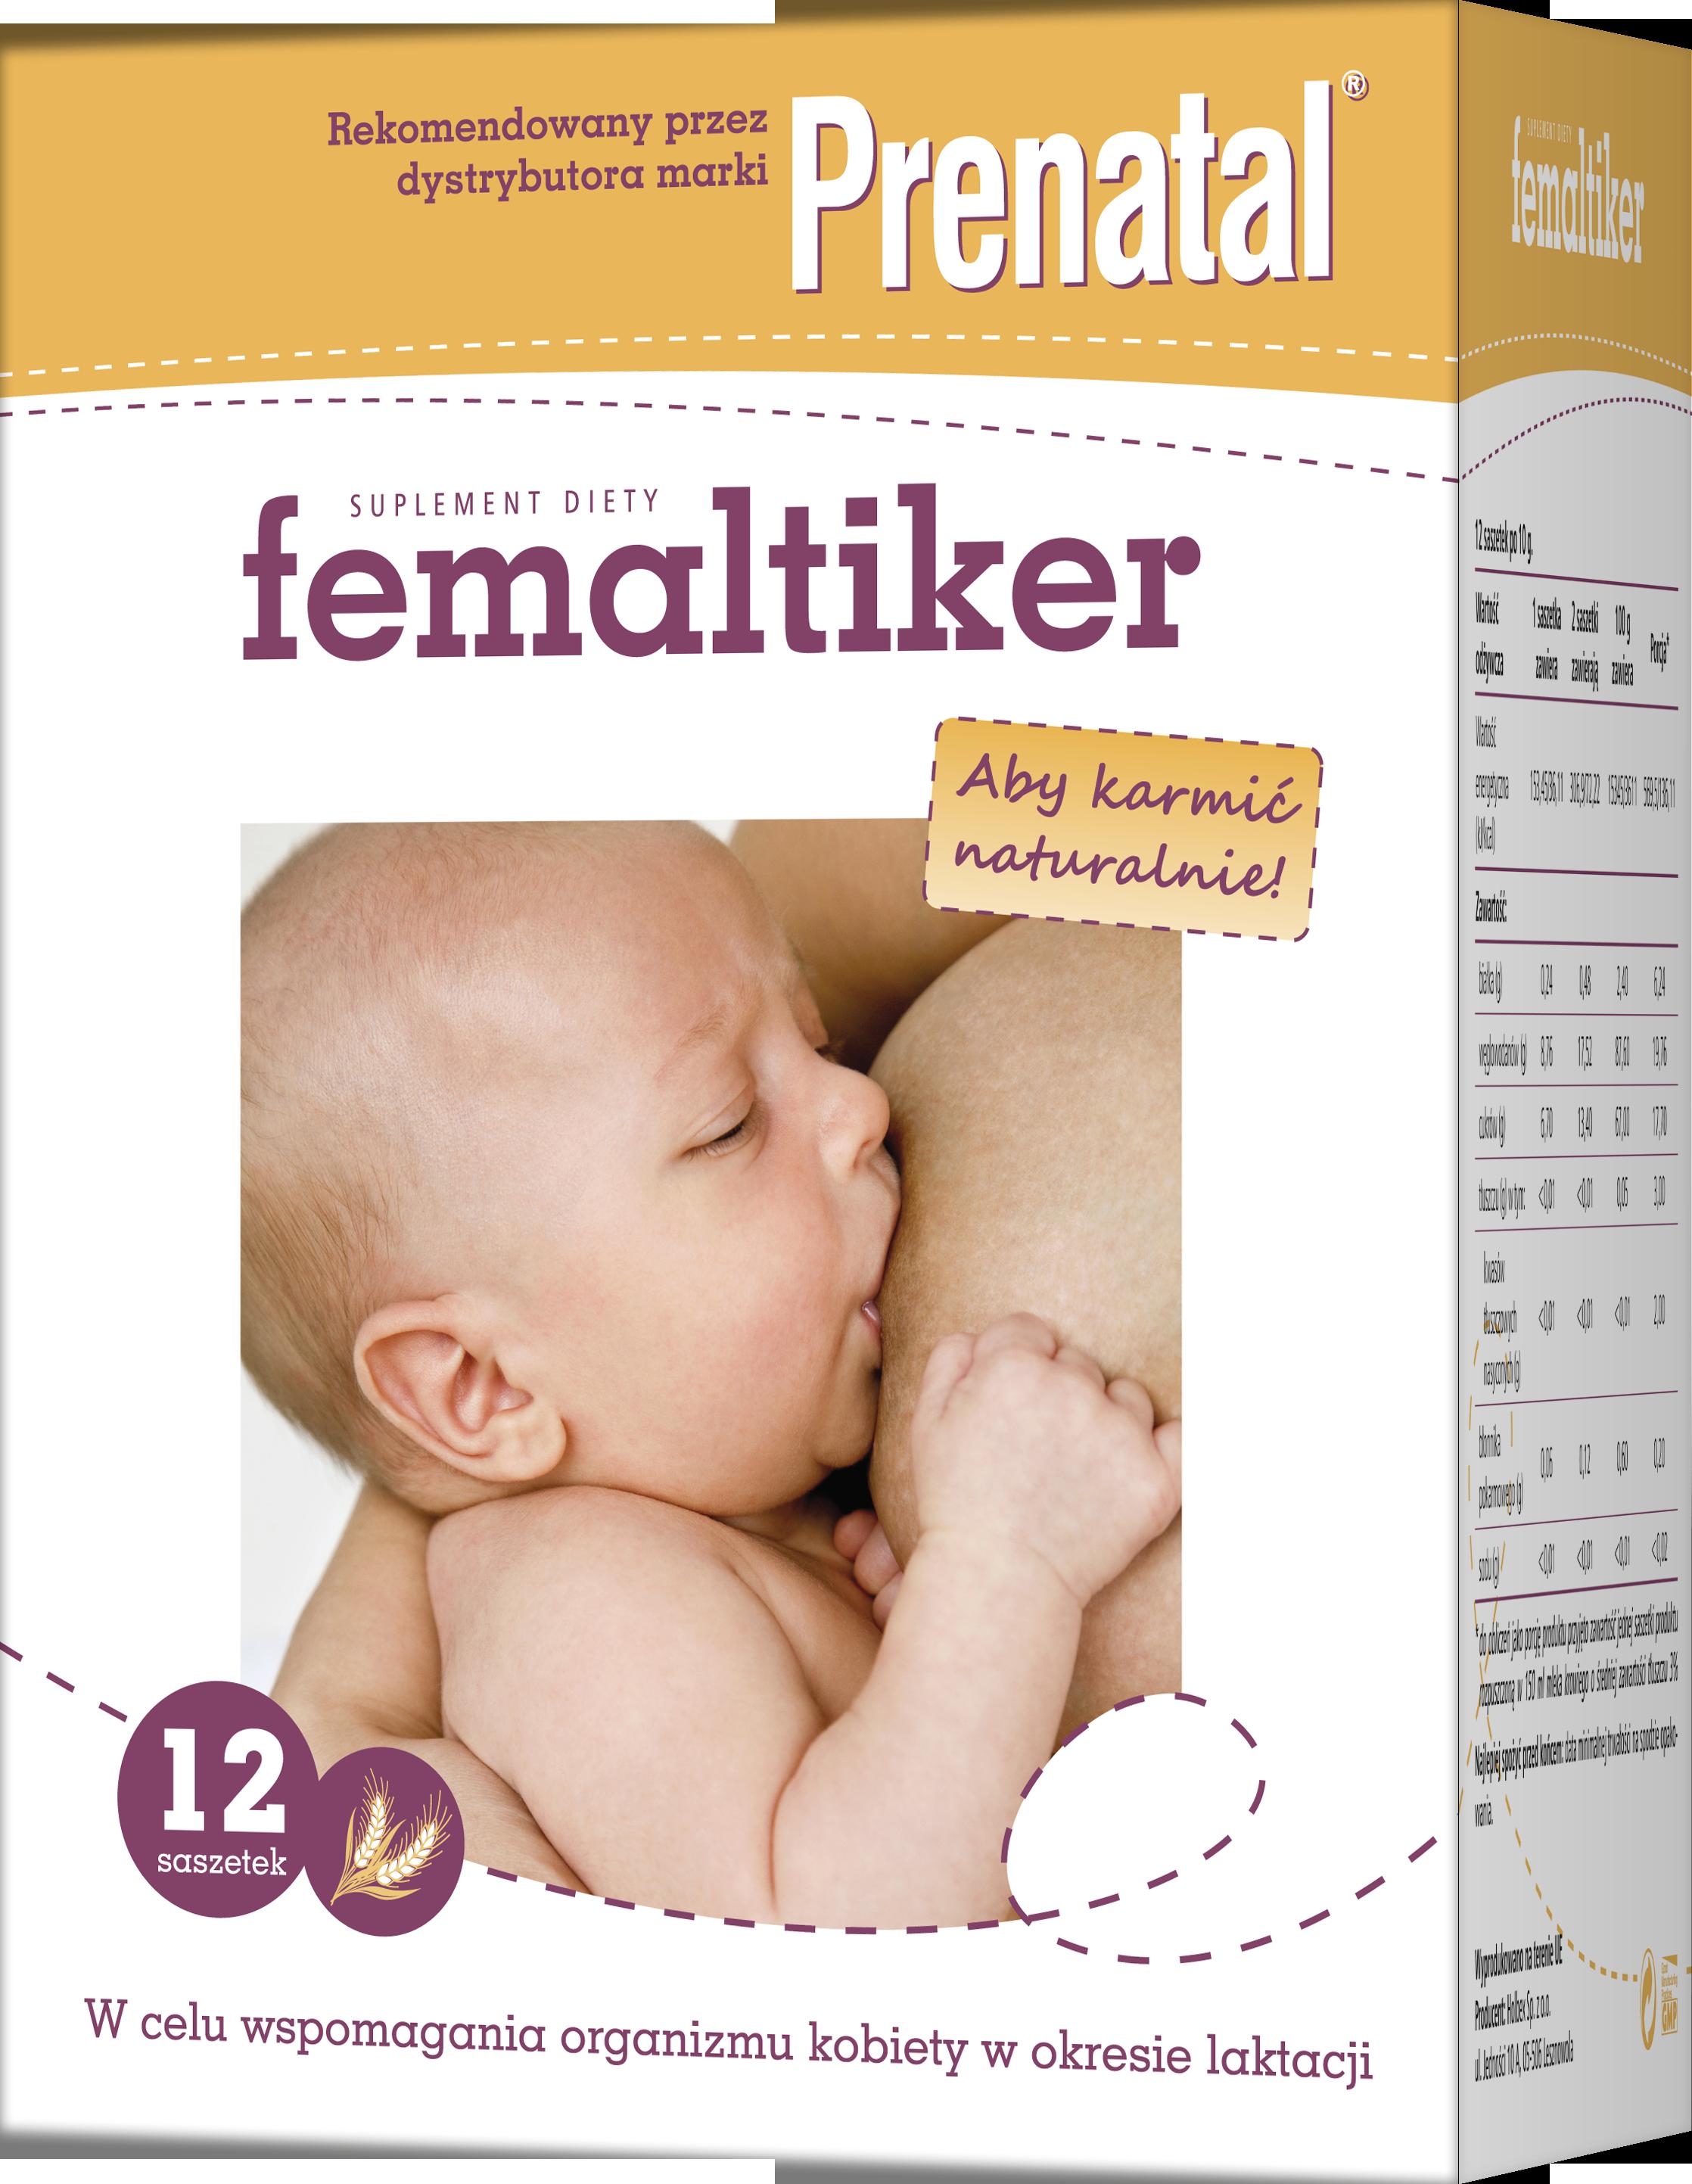 femaltiker-1.png